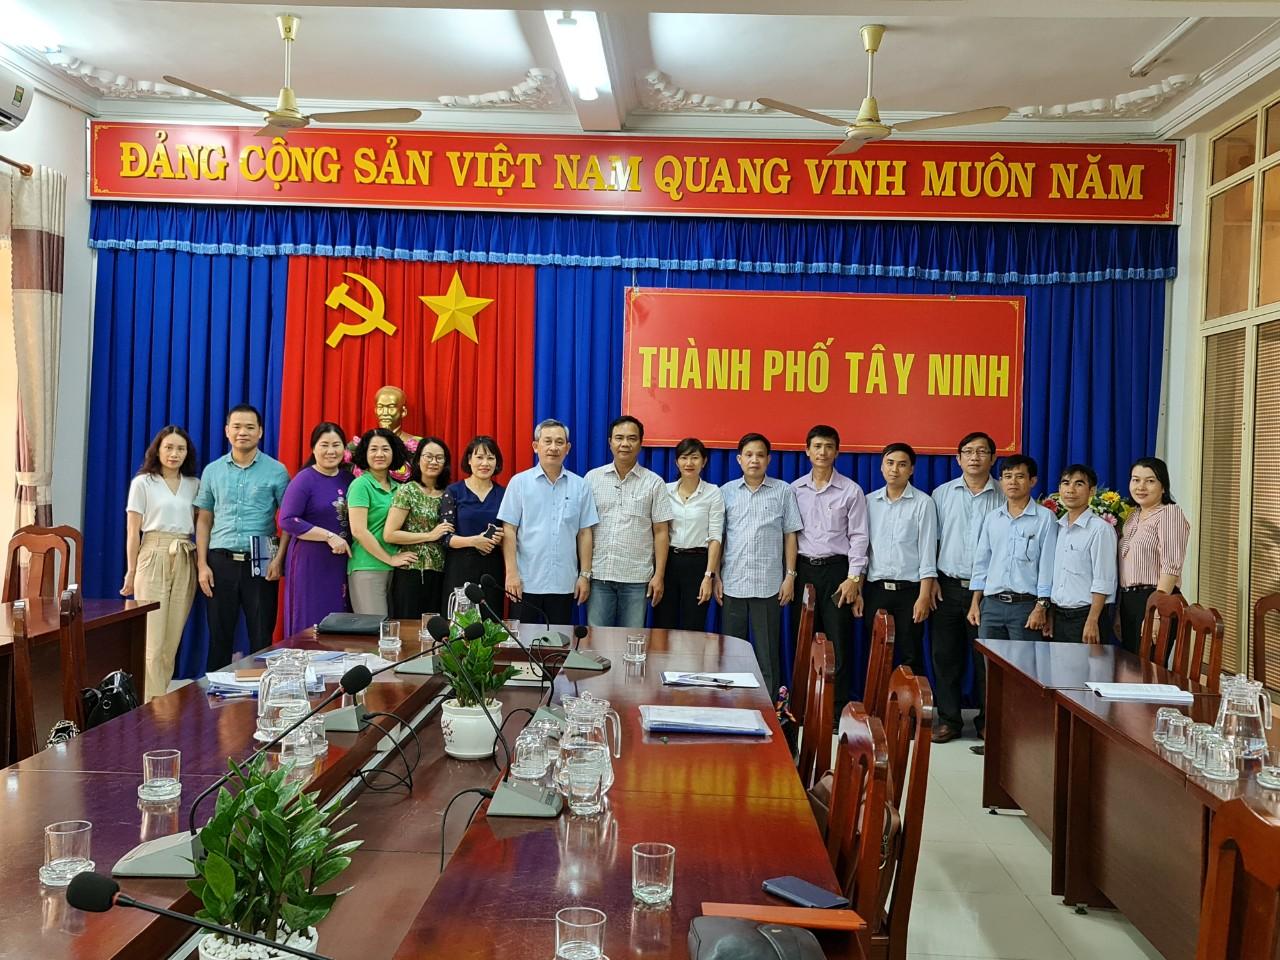 Điều tra, khảo sát đề tài khoa học và công nghệ cấp Bộ  năm 2021 – 2022 tại tỉnh Đồng Nai, Tây Ninh